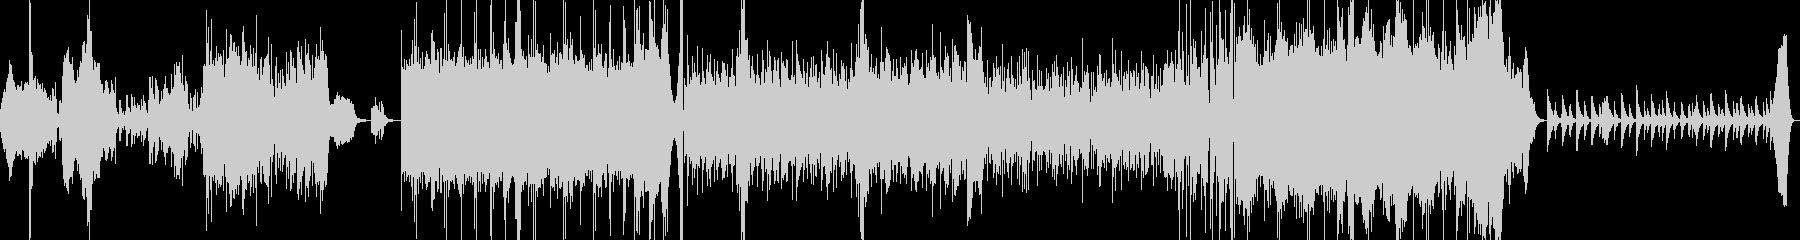 エスニック調のBGM音源の未再生の波形